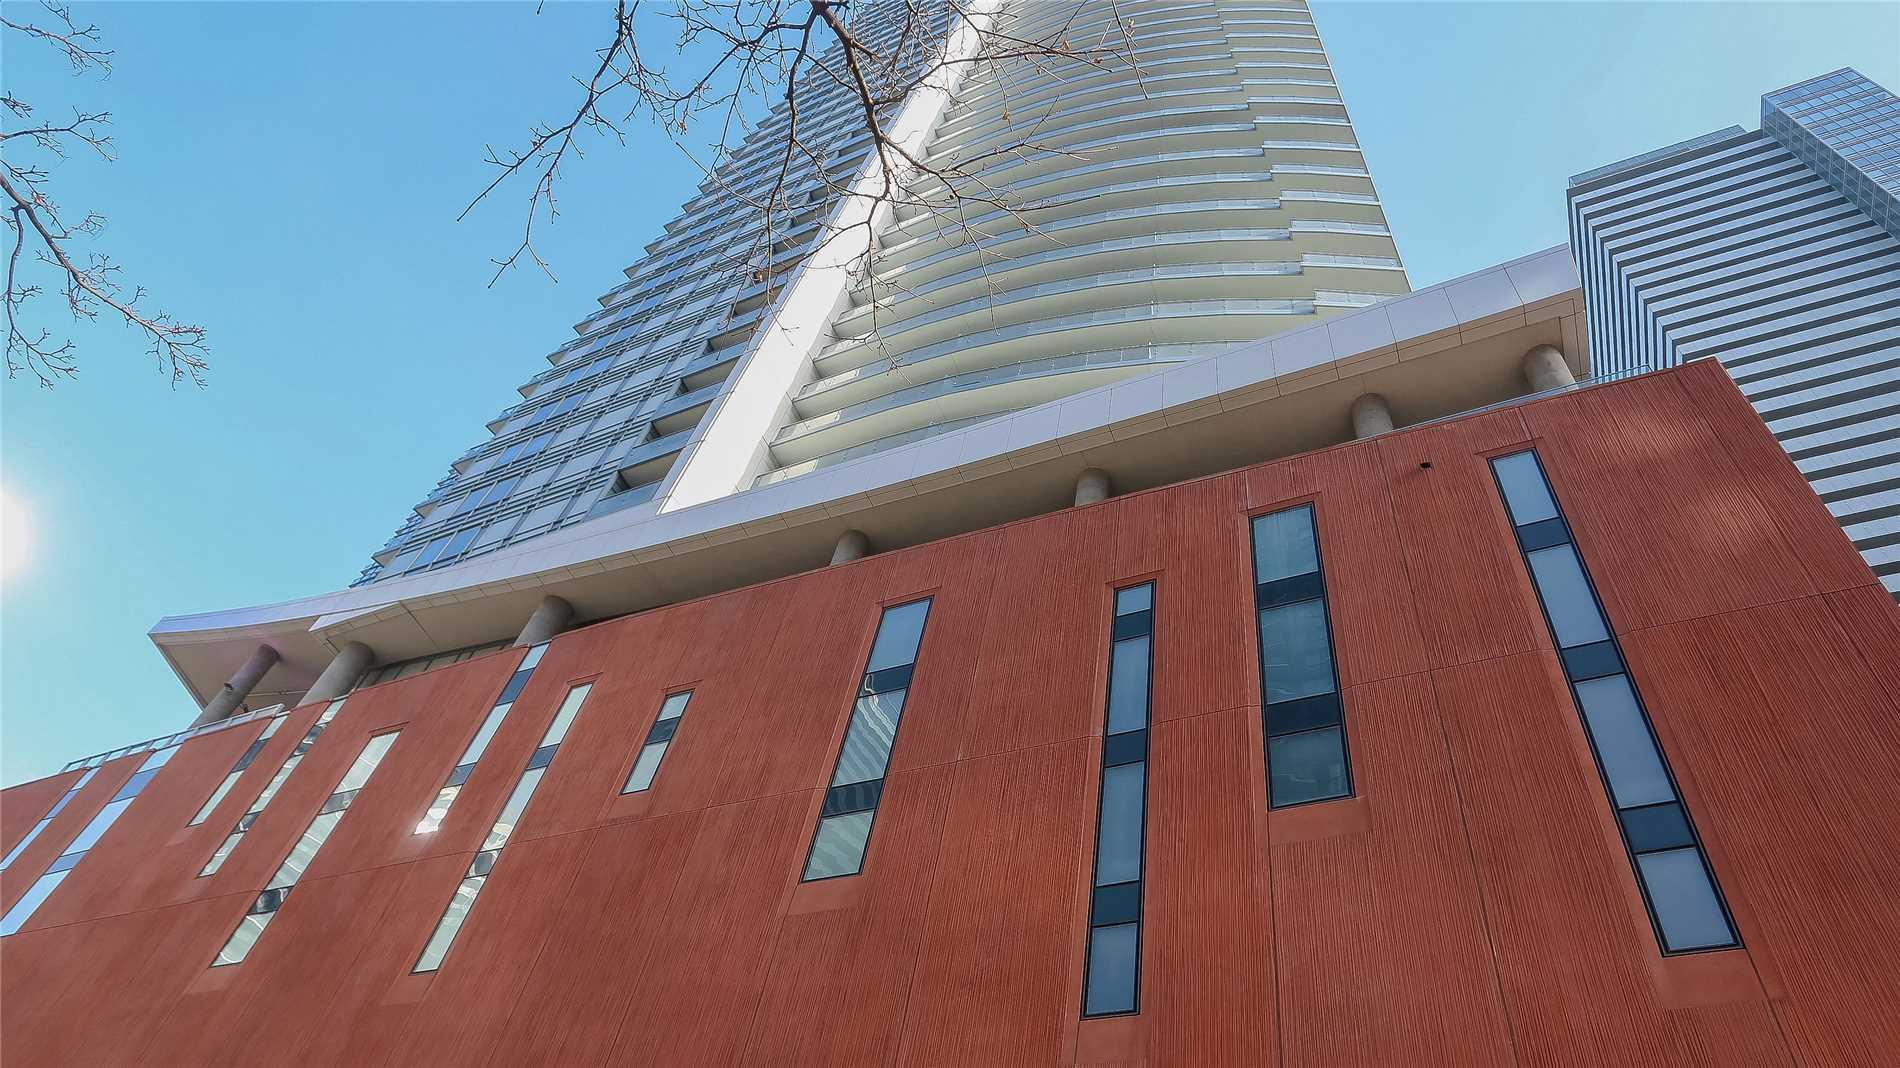 Cinema Towers Condos: 21 Widmer Street, Toronto, ON